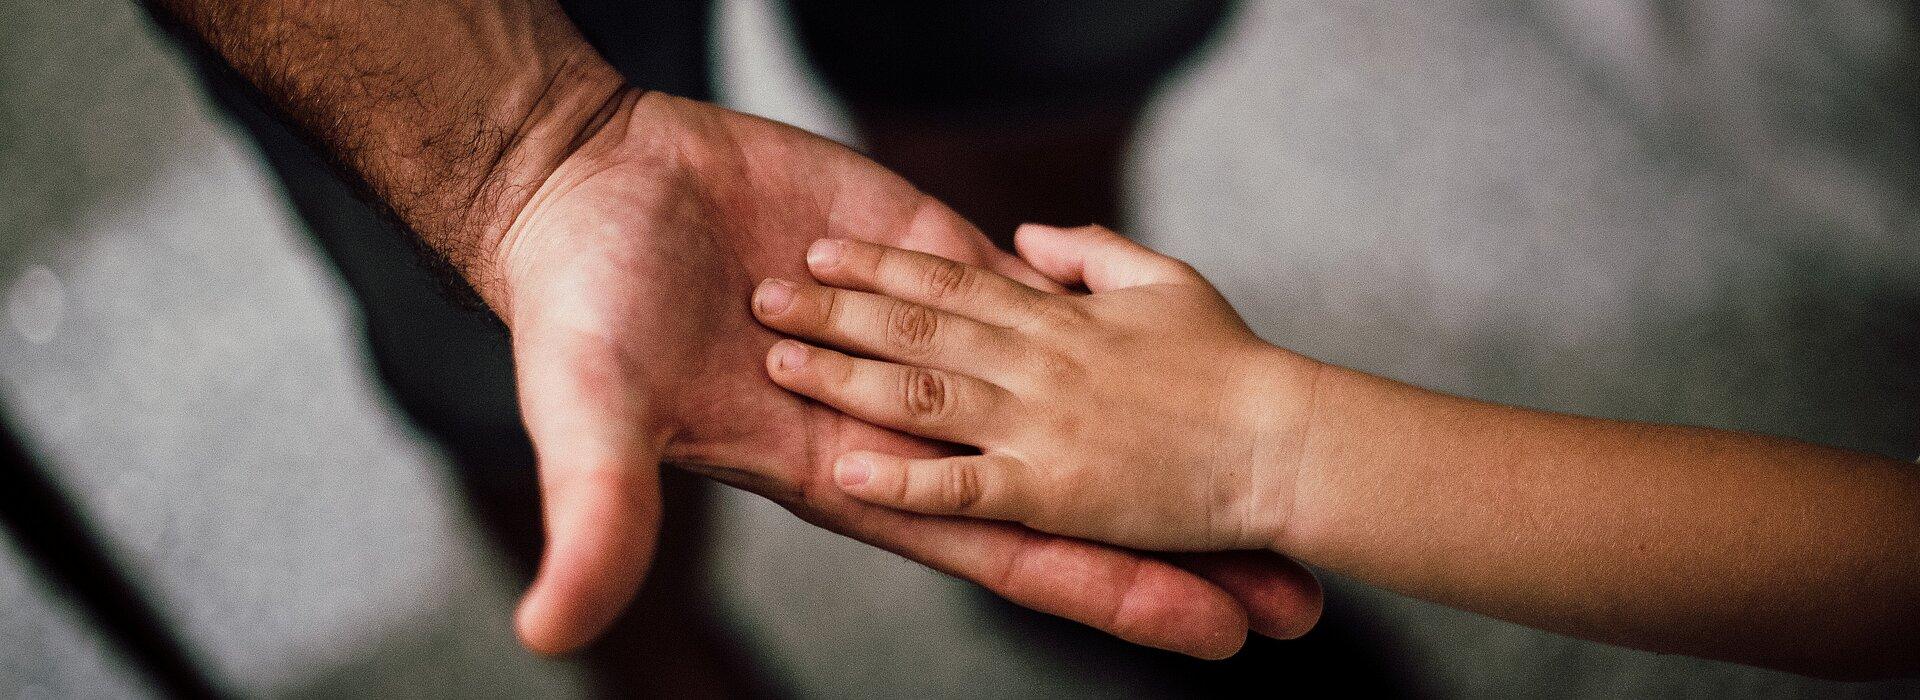 Um adulto estica a mão para uma criança. A foto tem foco na mão deles.